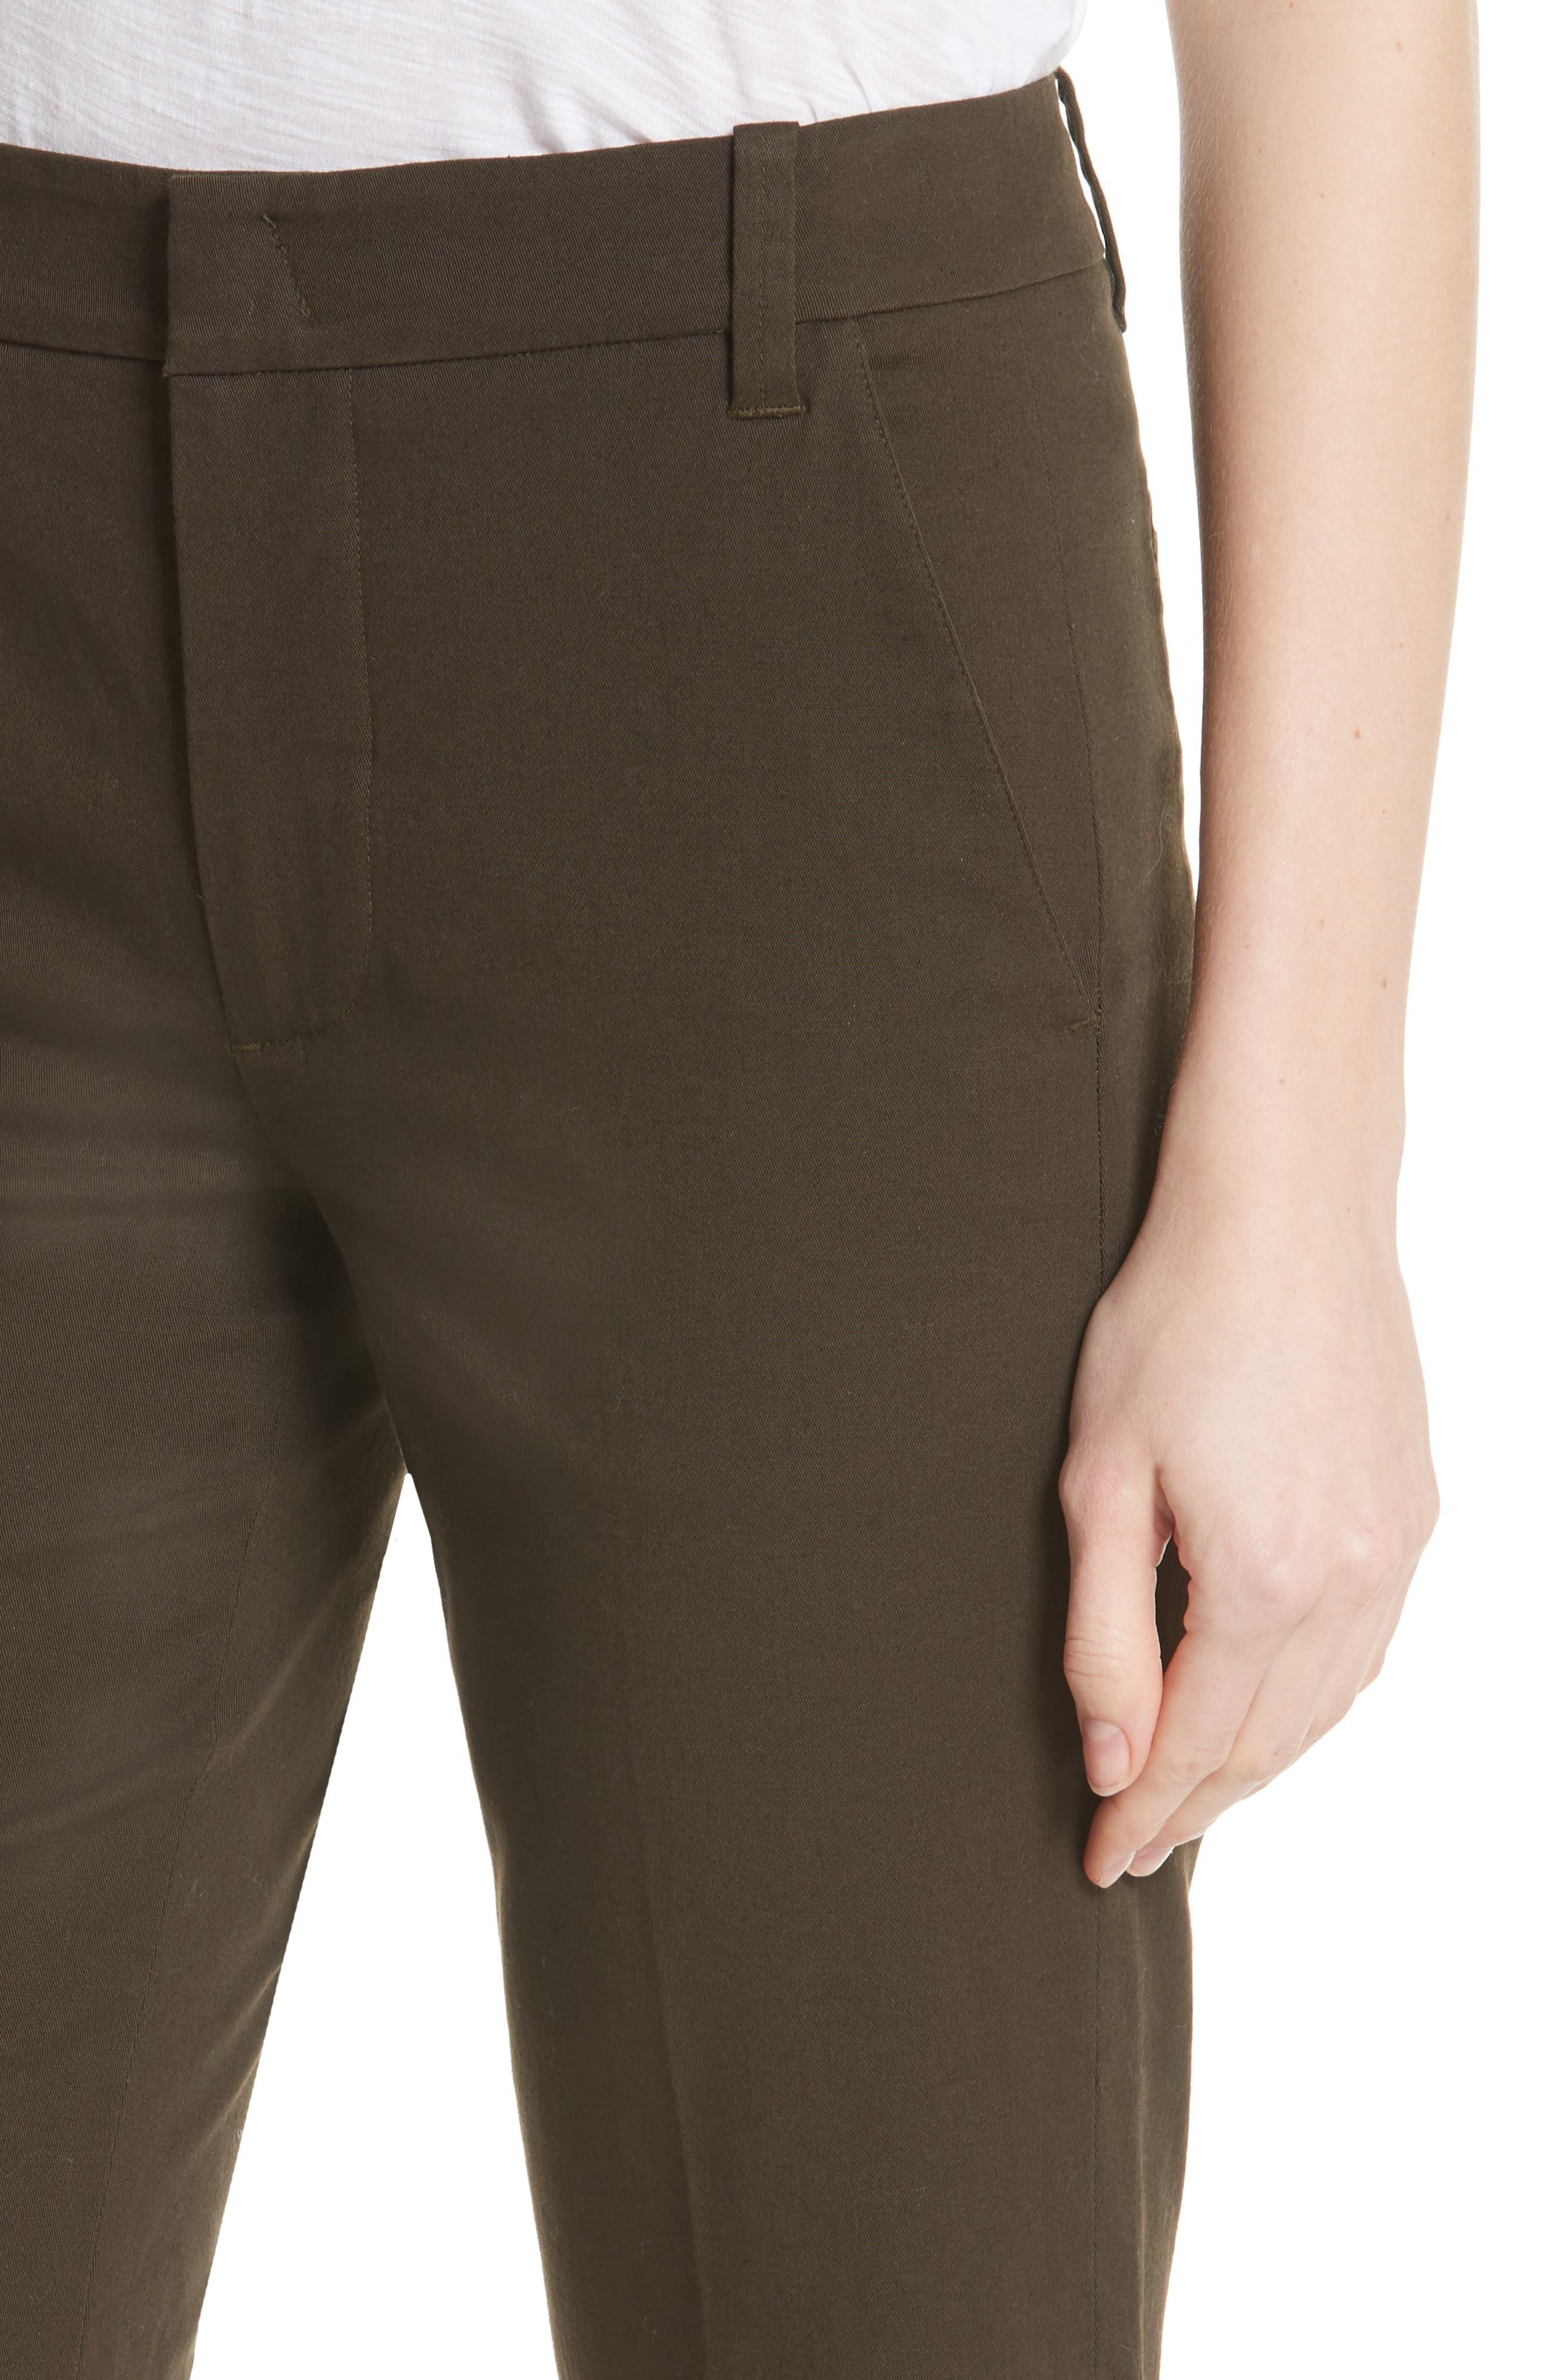 Coin Pocket Bermuda Shorts,                             Alternate thumbnail 4, color,                             Pinon Green